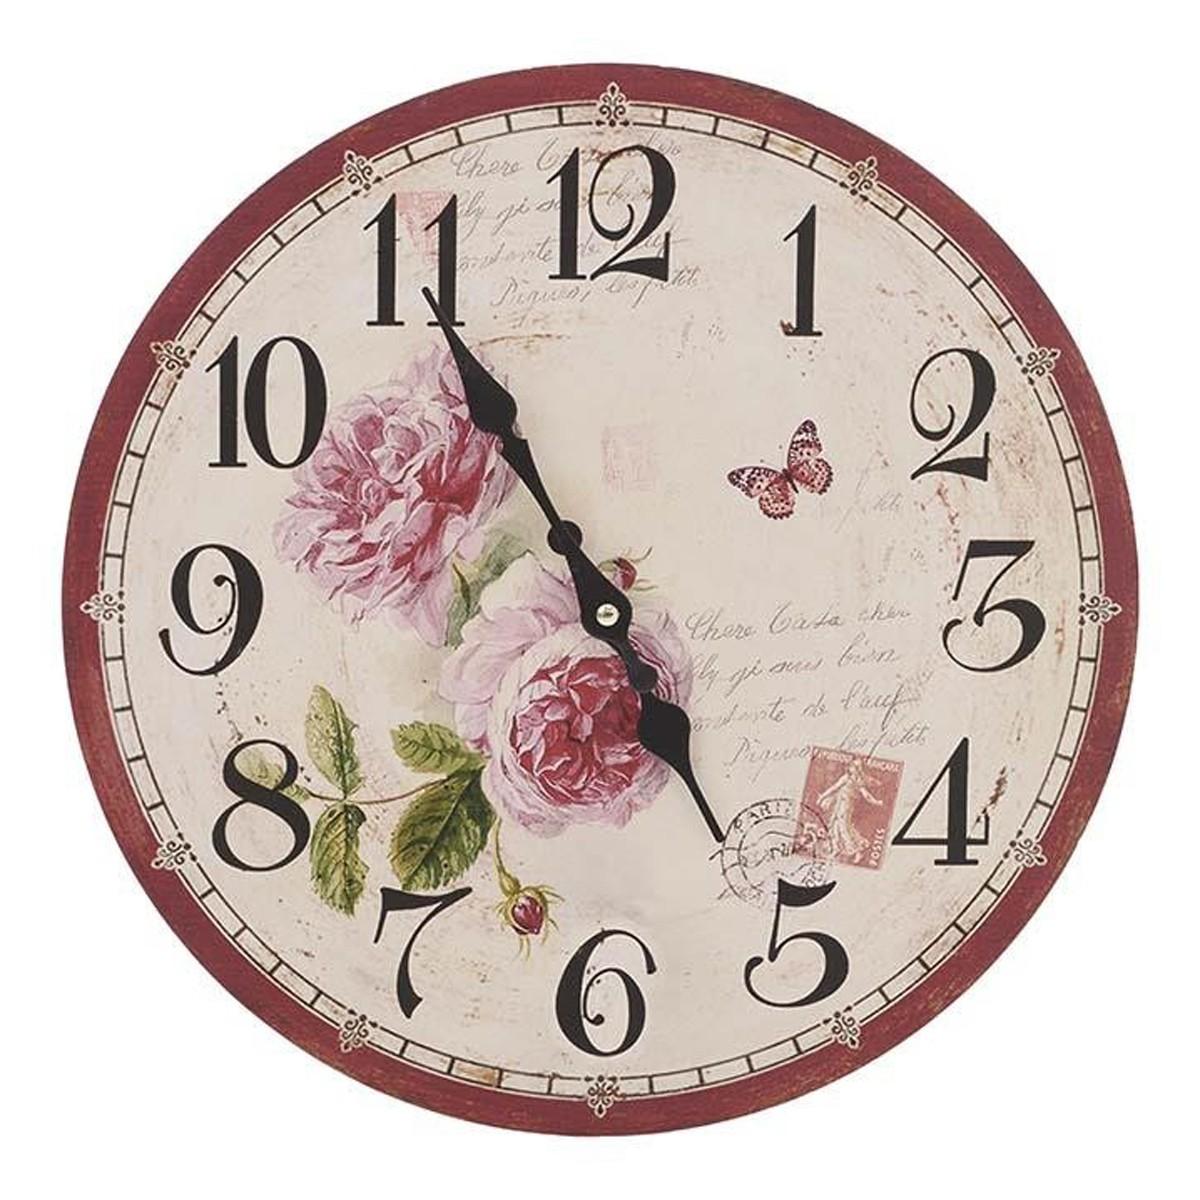 Ρολόι Τοίχου InArt 3-20-484-0380 66057